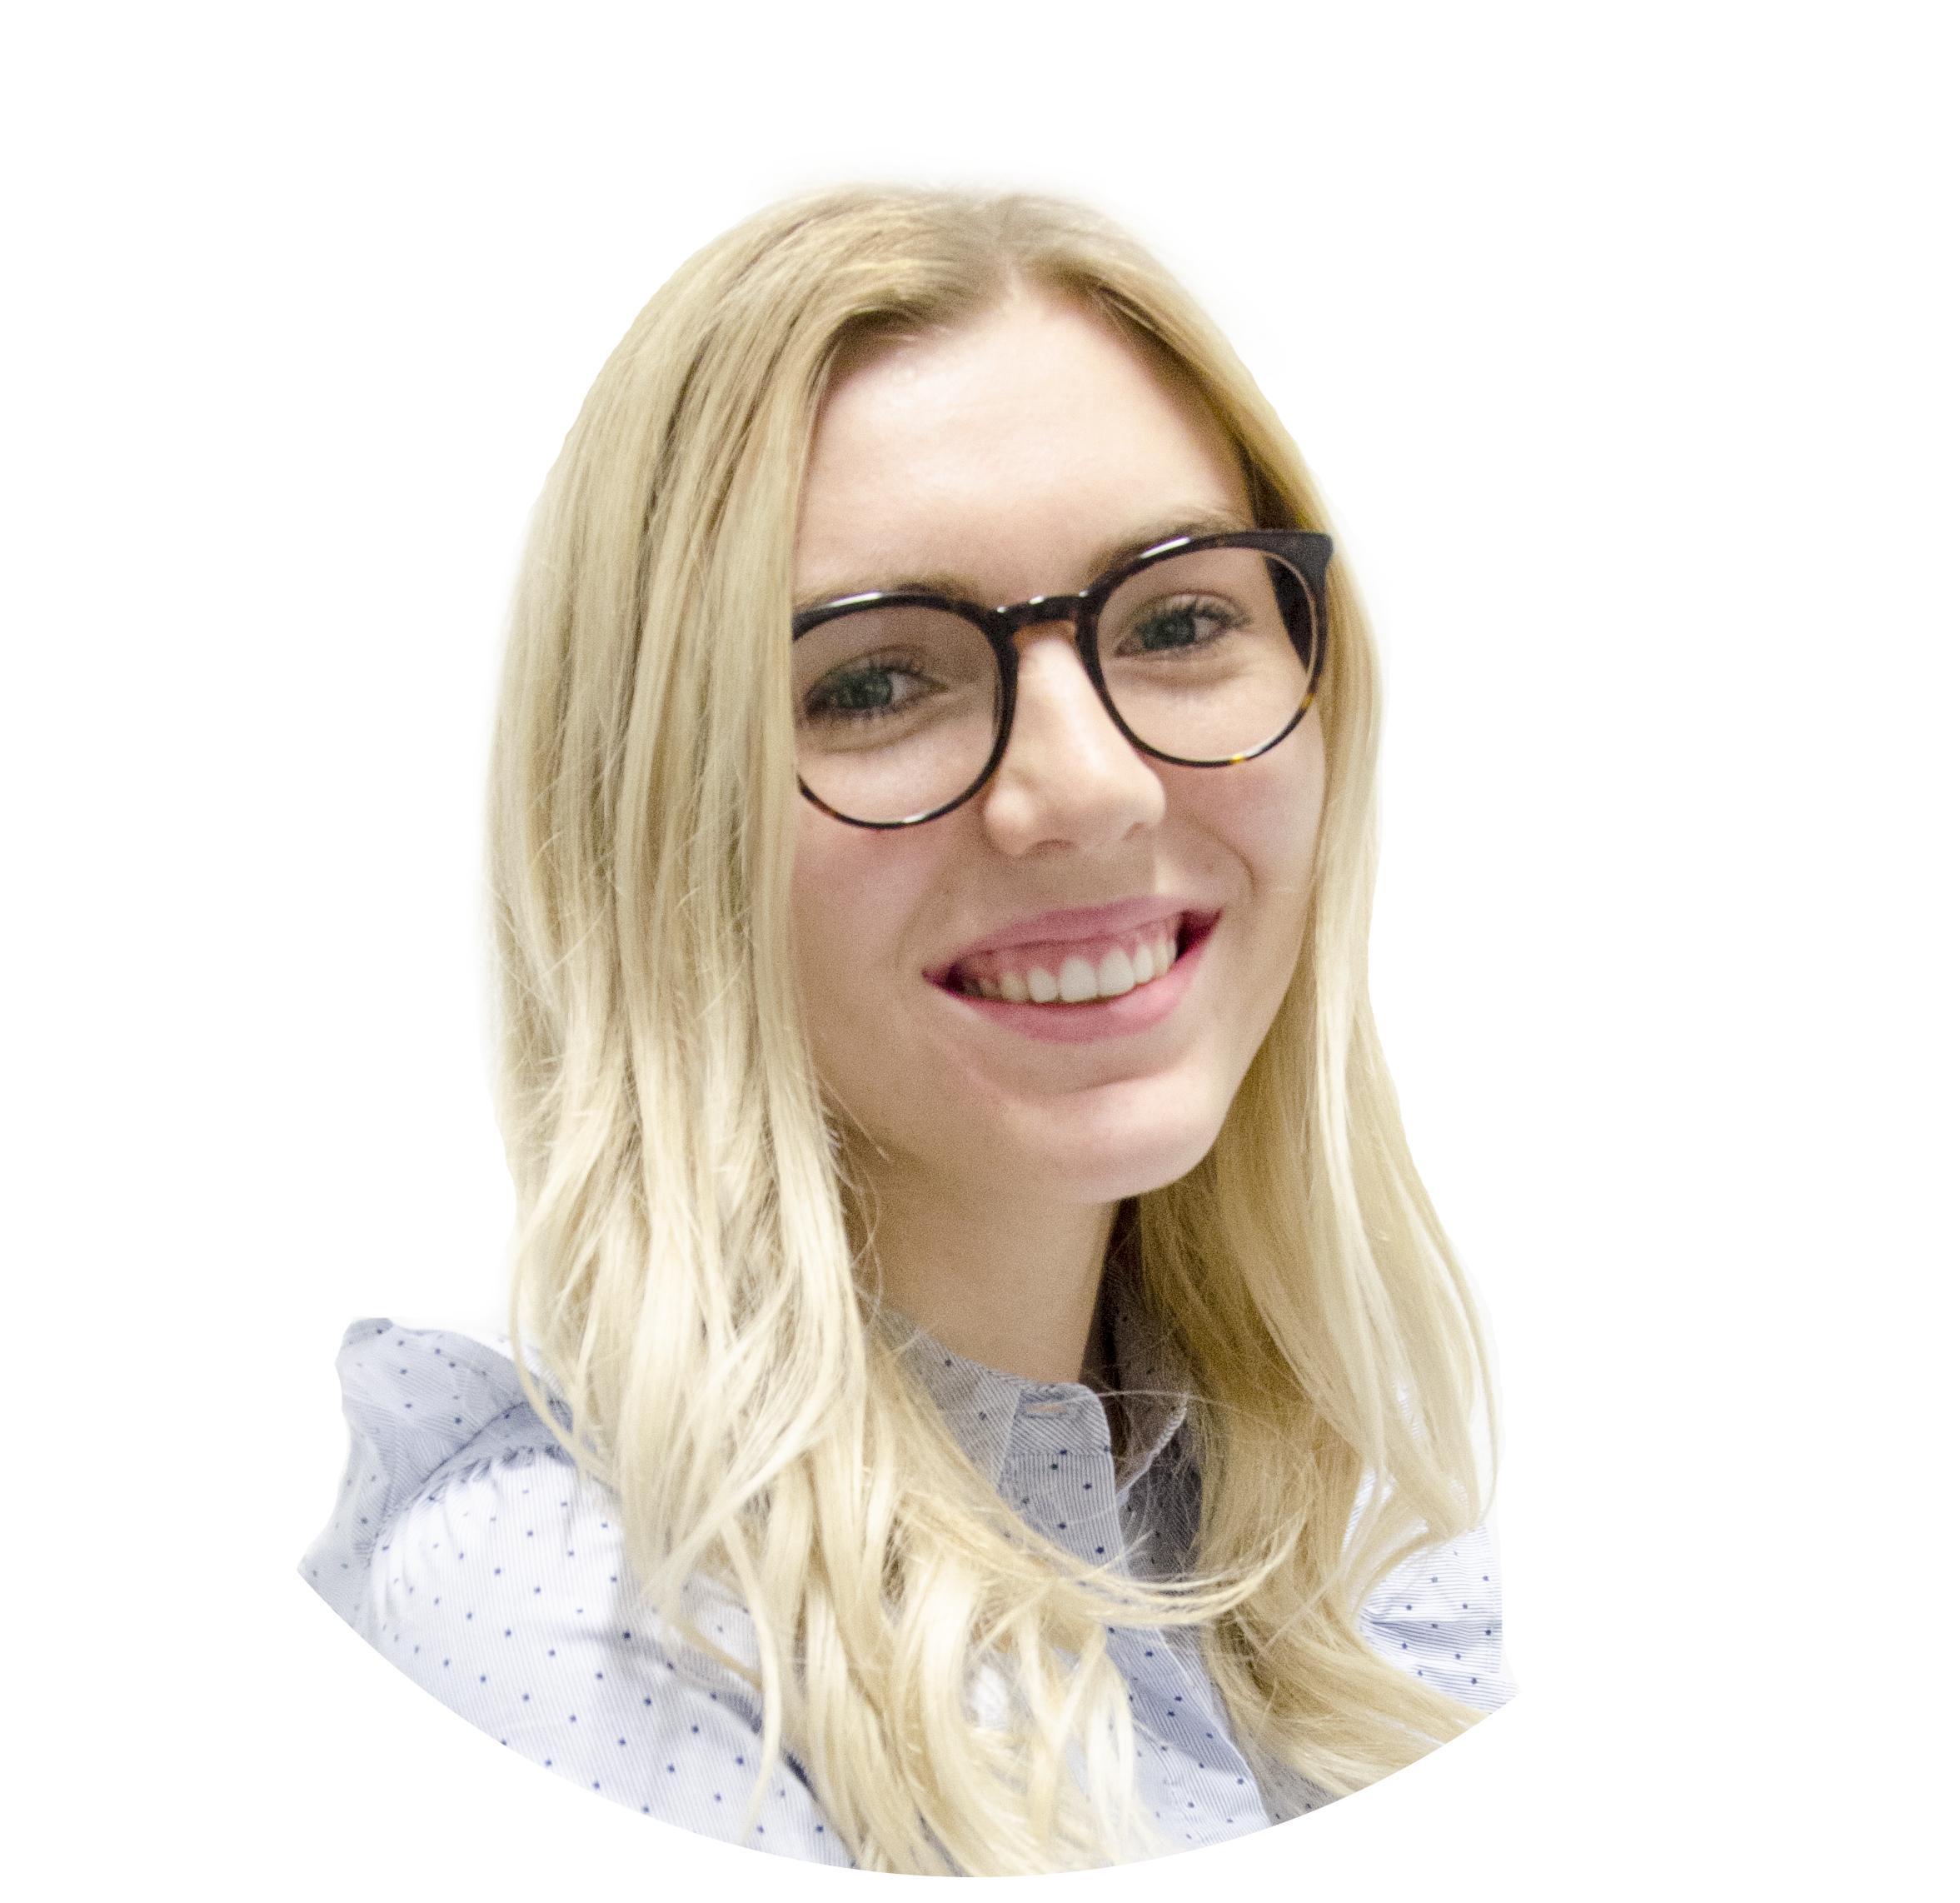 Caroline-Regitze Elstrøm